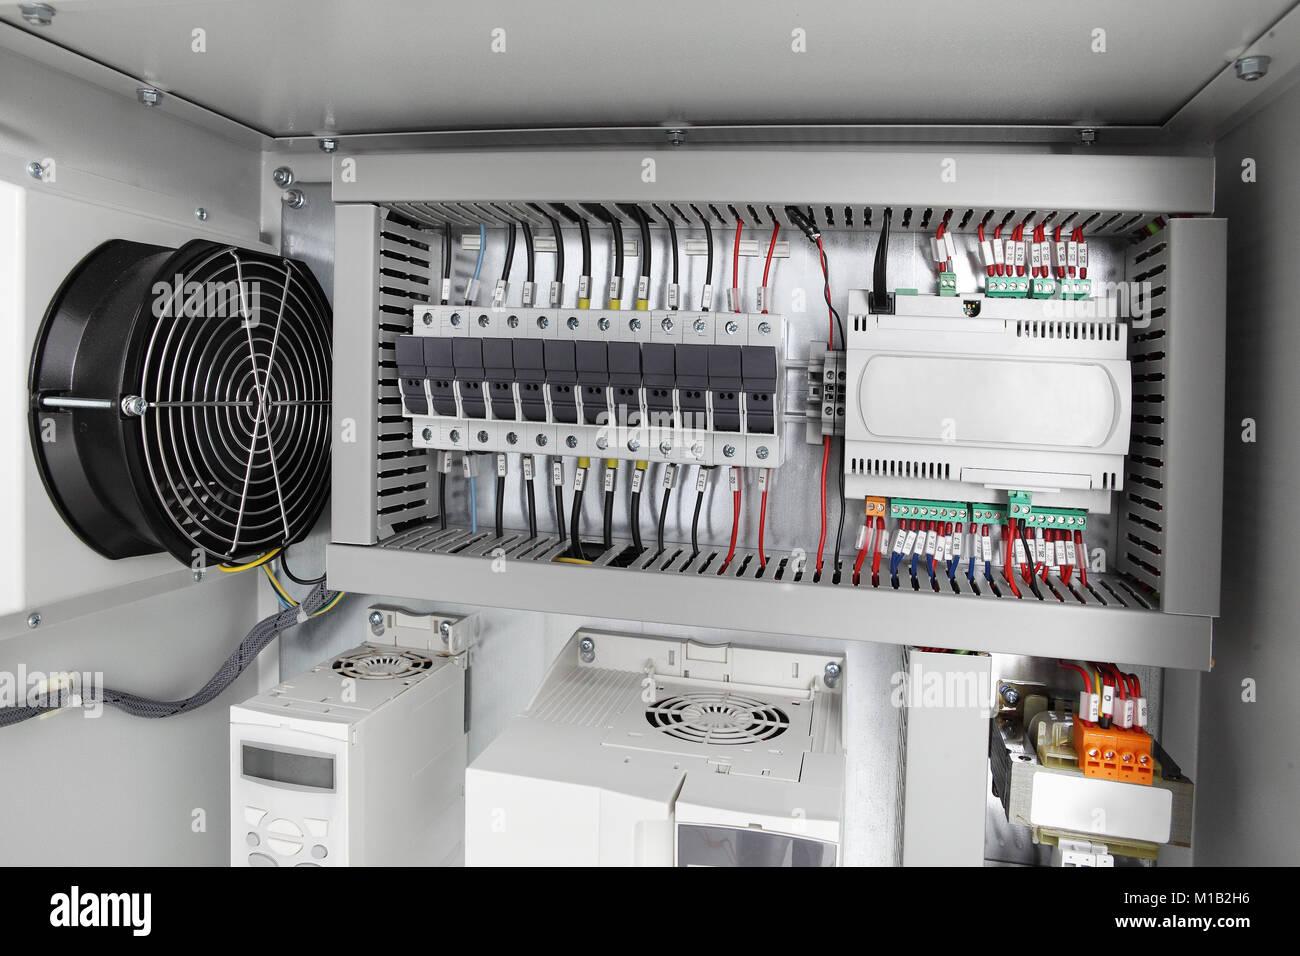 Atemberaubend Elektrische Haushaltsverdrahtung Fotos - Elektrische ...